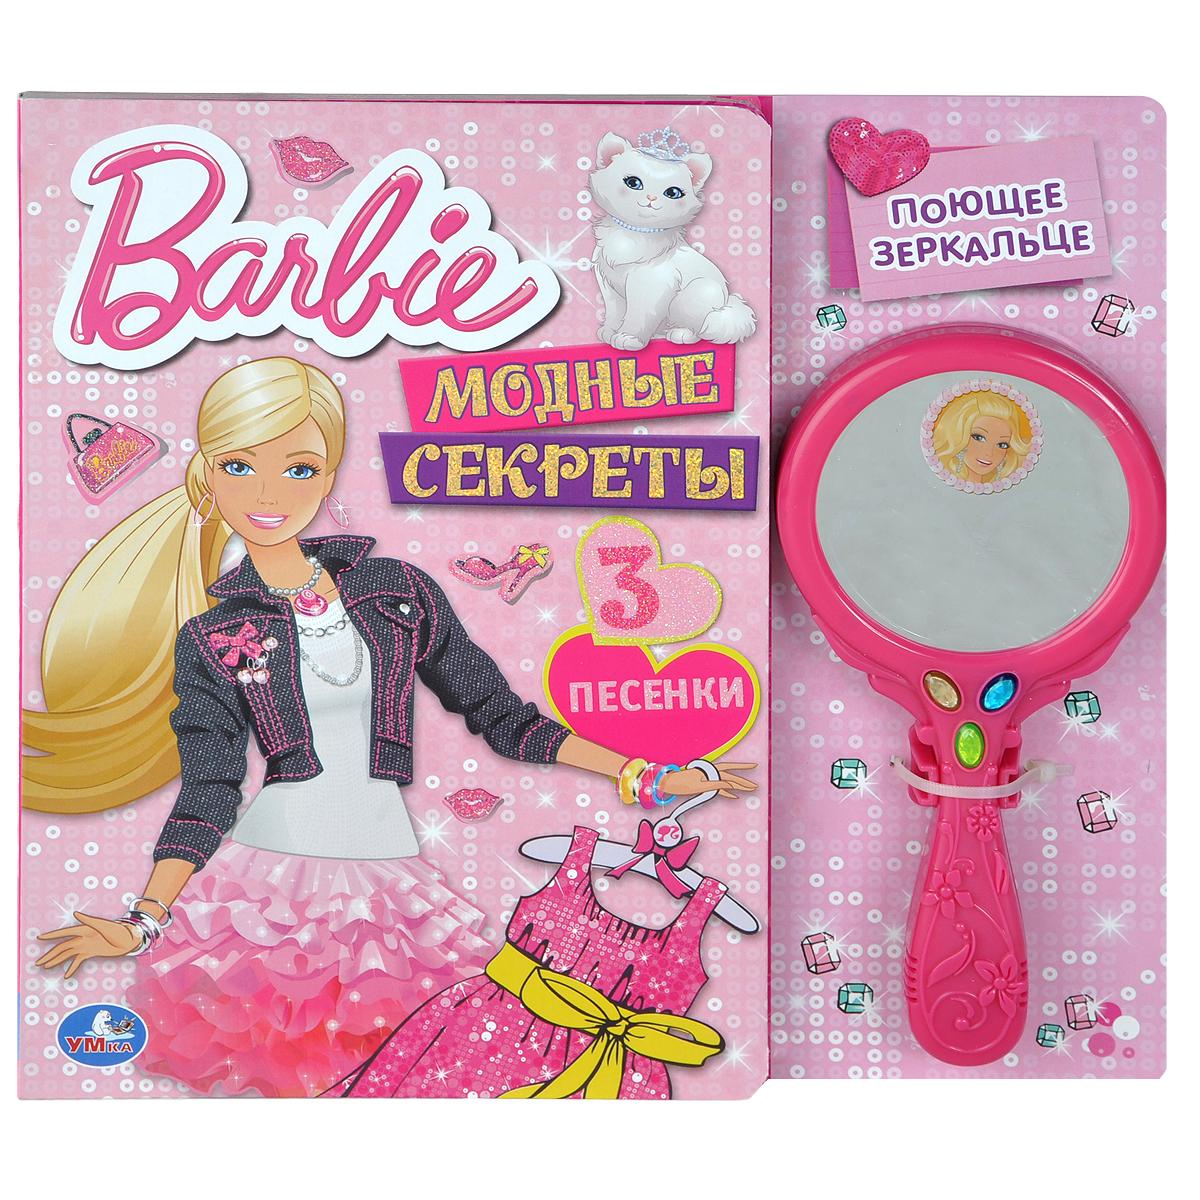 Кристина Хомякова Barbie. Модные секреты (+ игрушка) зеркальца win зеркальце рыбы